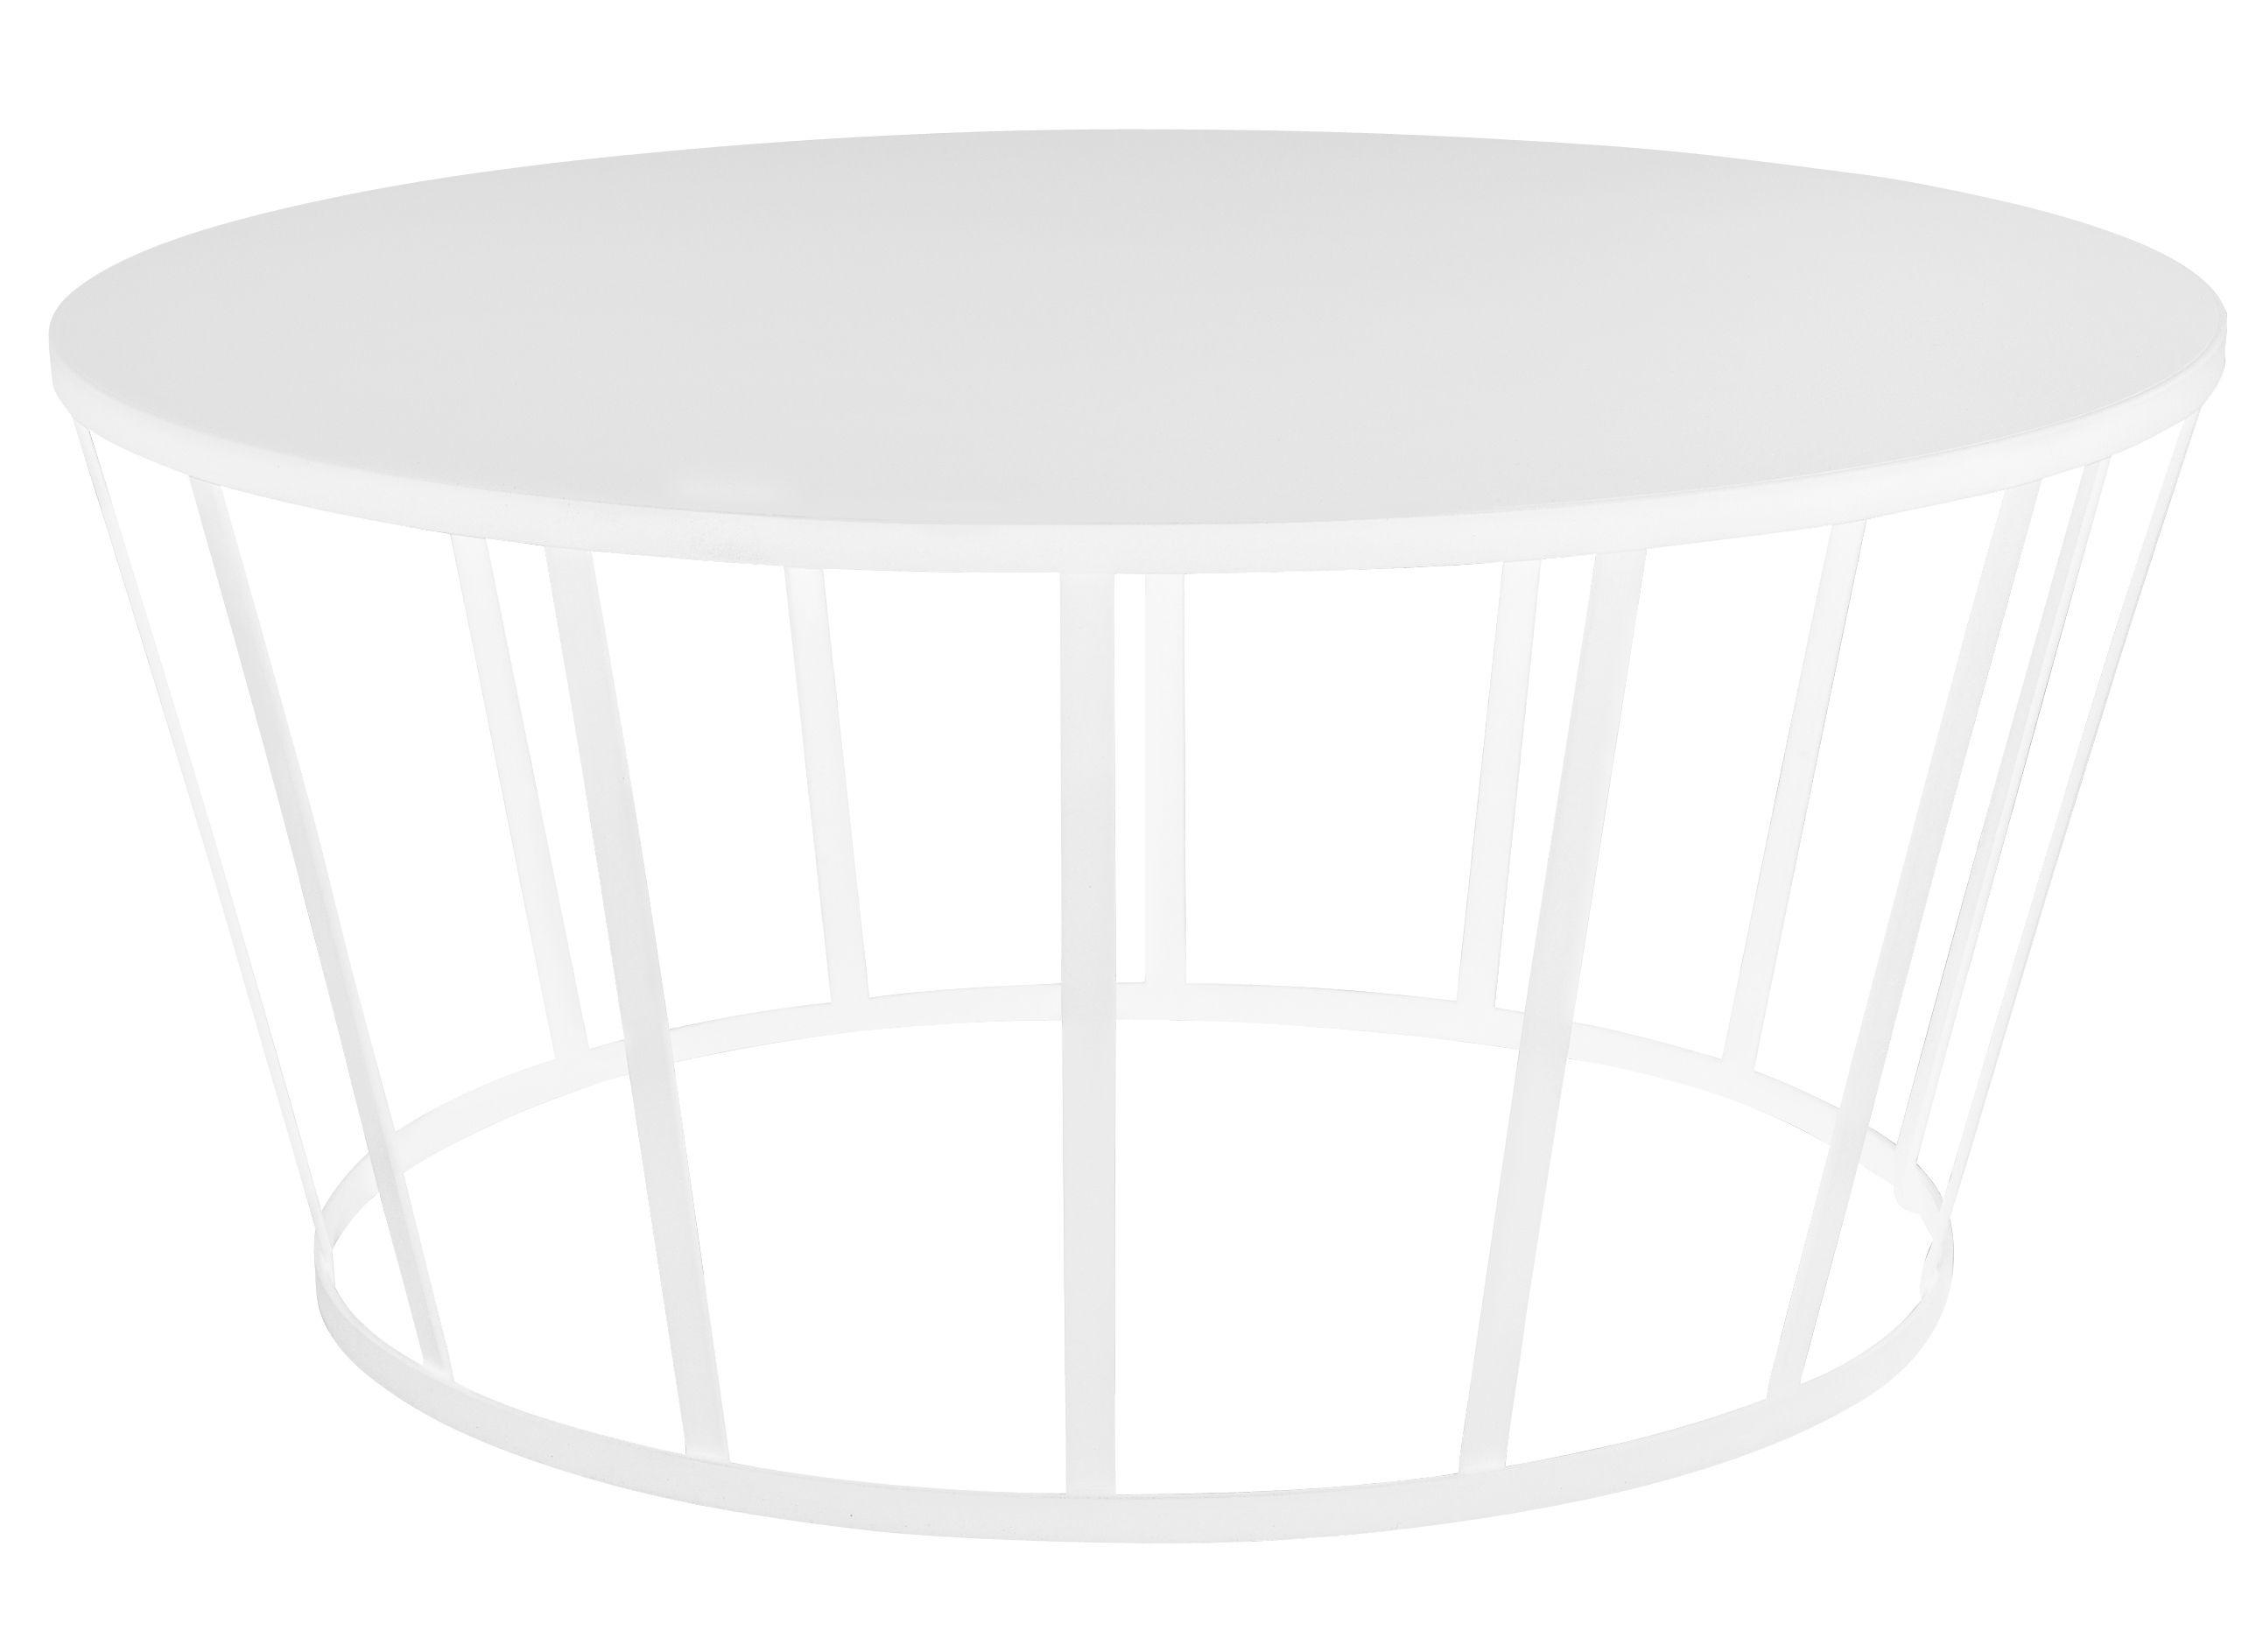 Arredamento - Tavolini  - Tavolino Hollo / Ø 70 x H 33 cm - Petite Friture - Bianco - Acciaio laccato